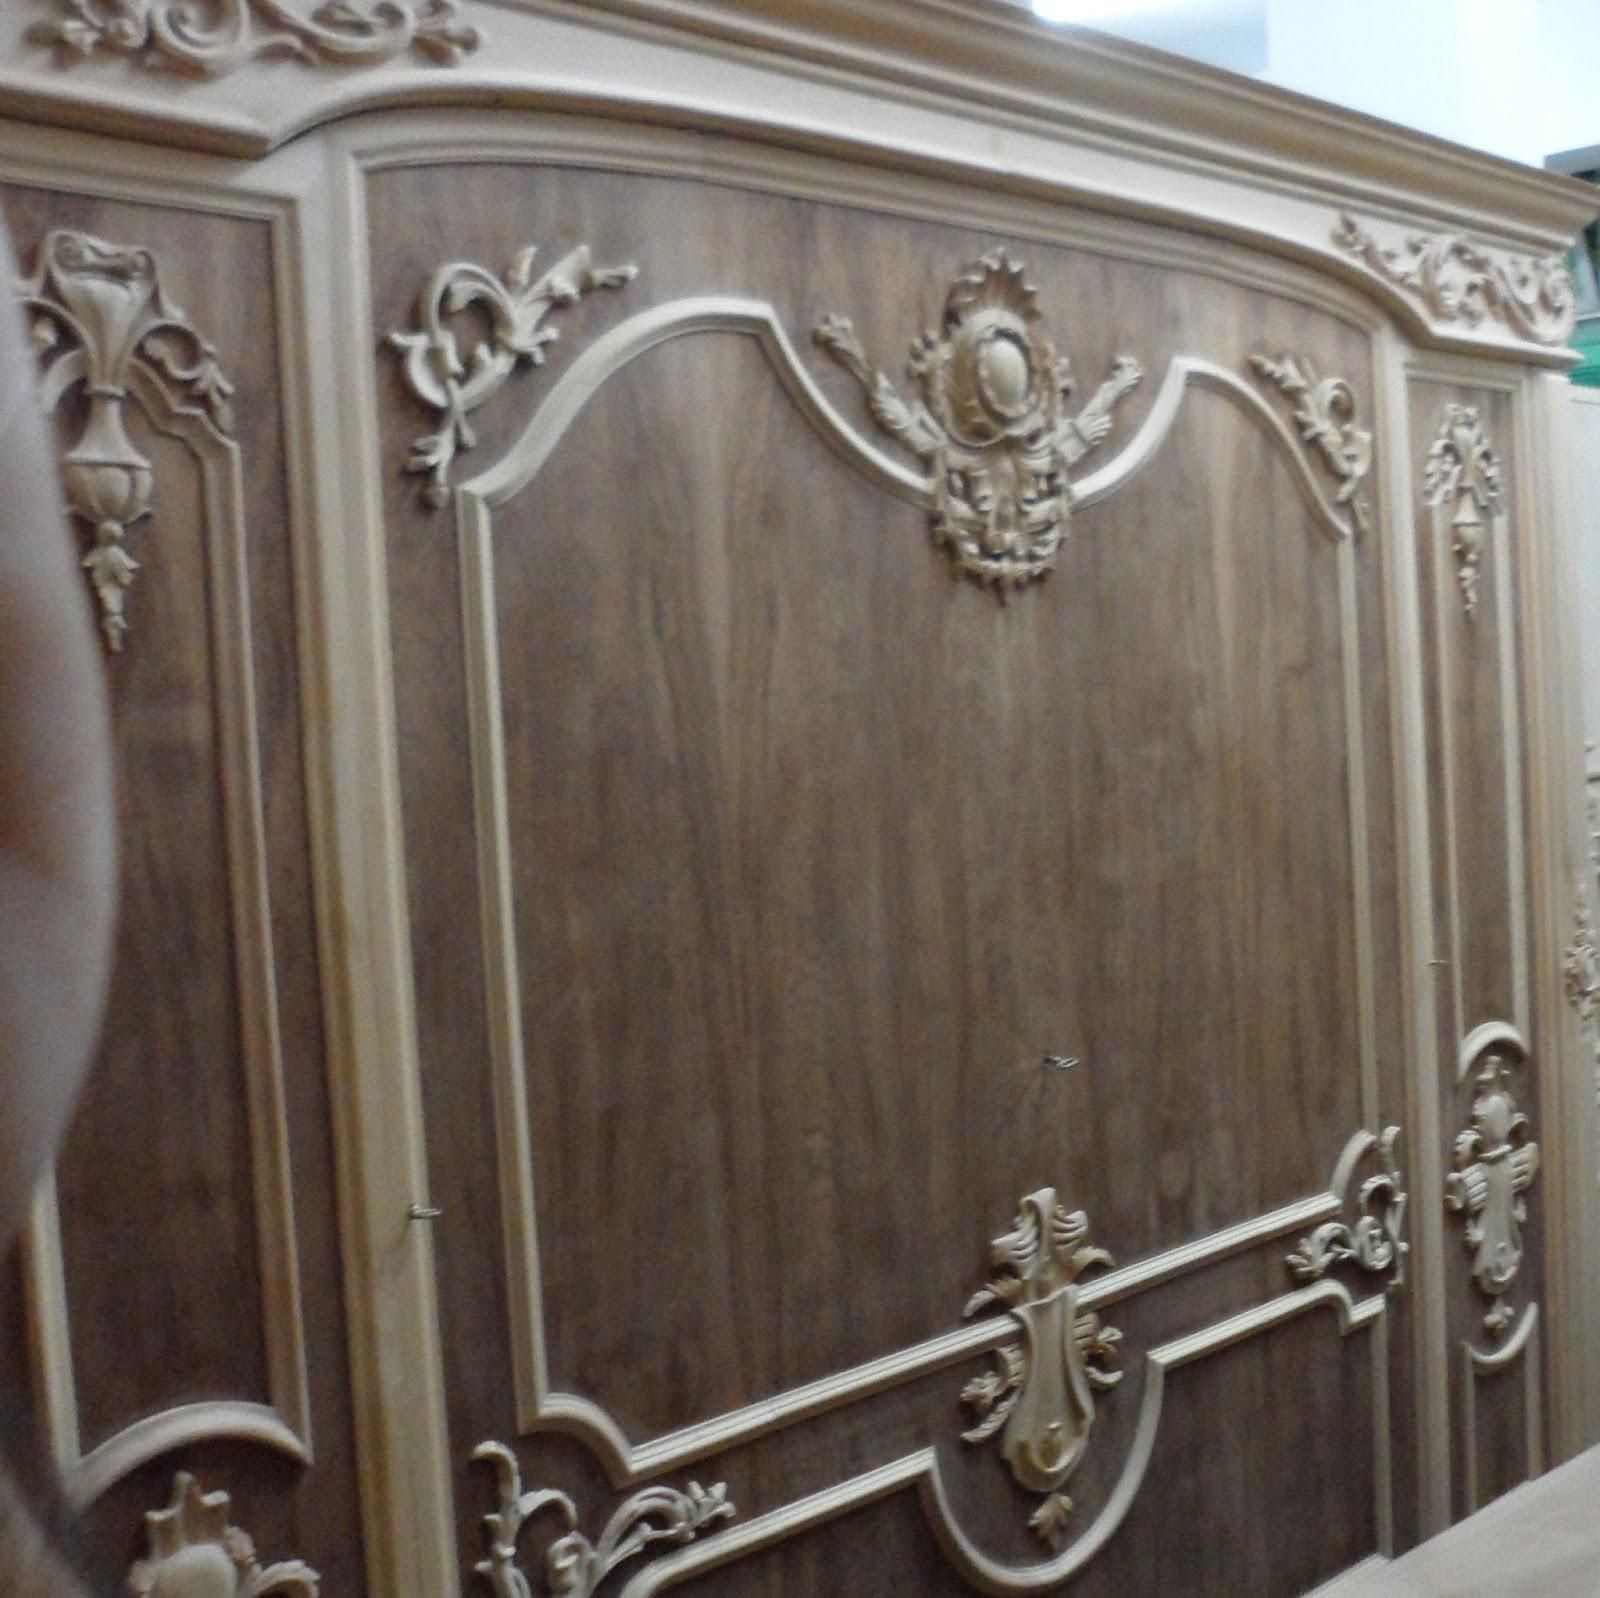 نوم وسفرة خشب ابيض للبيع | egyptian furniture